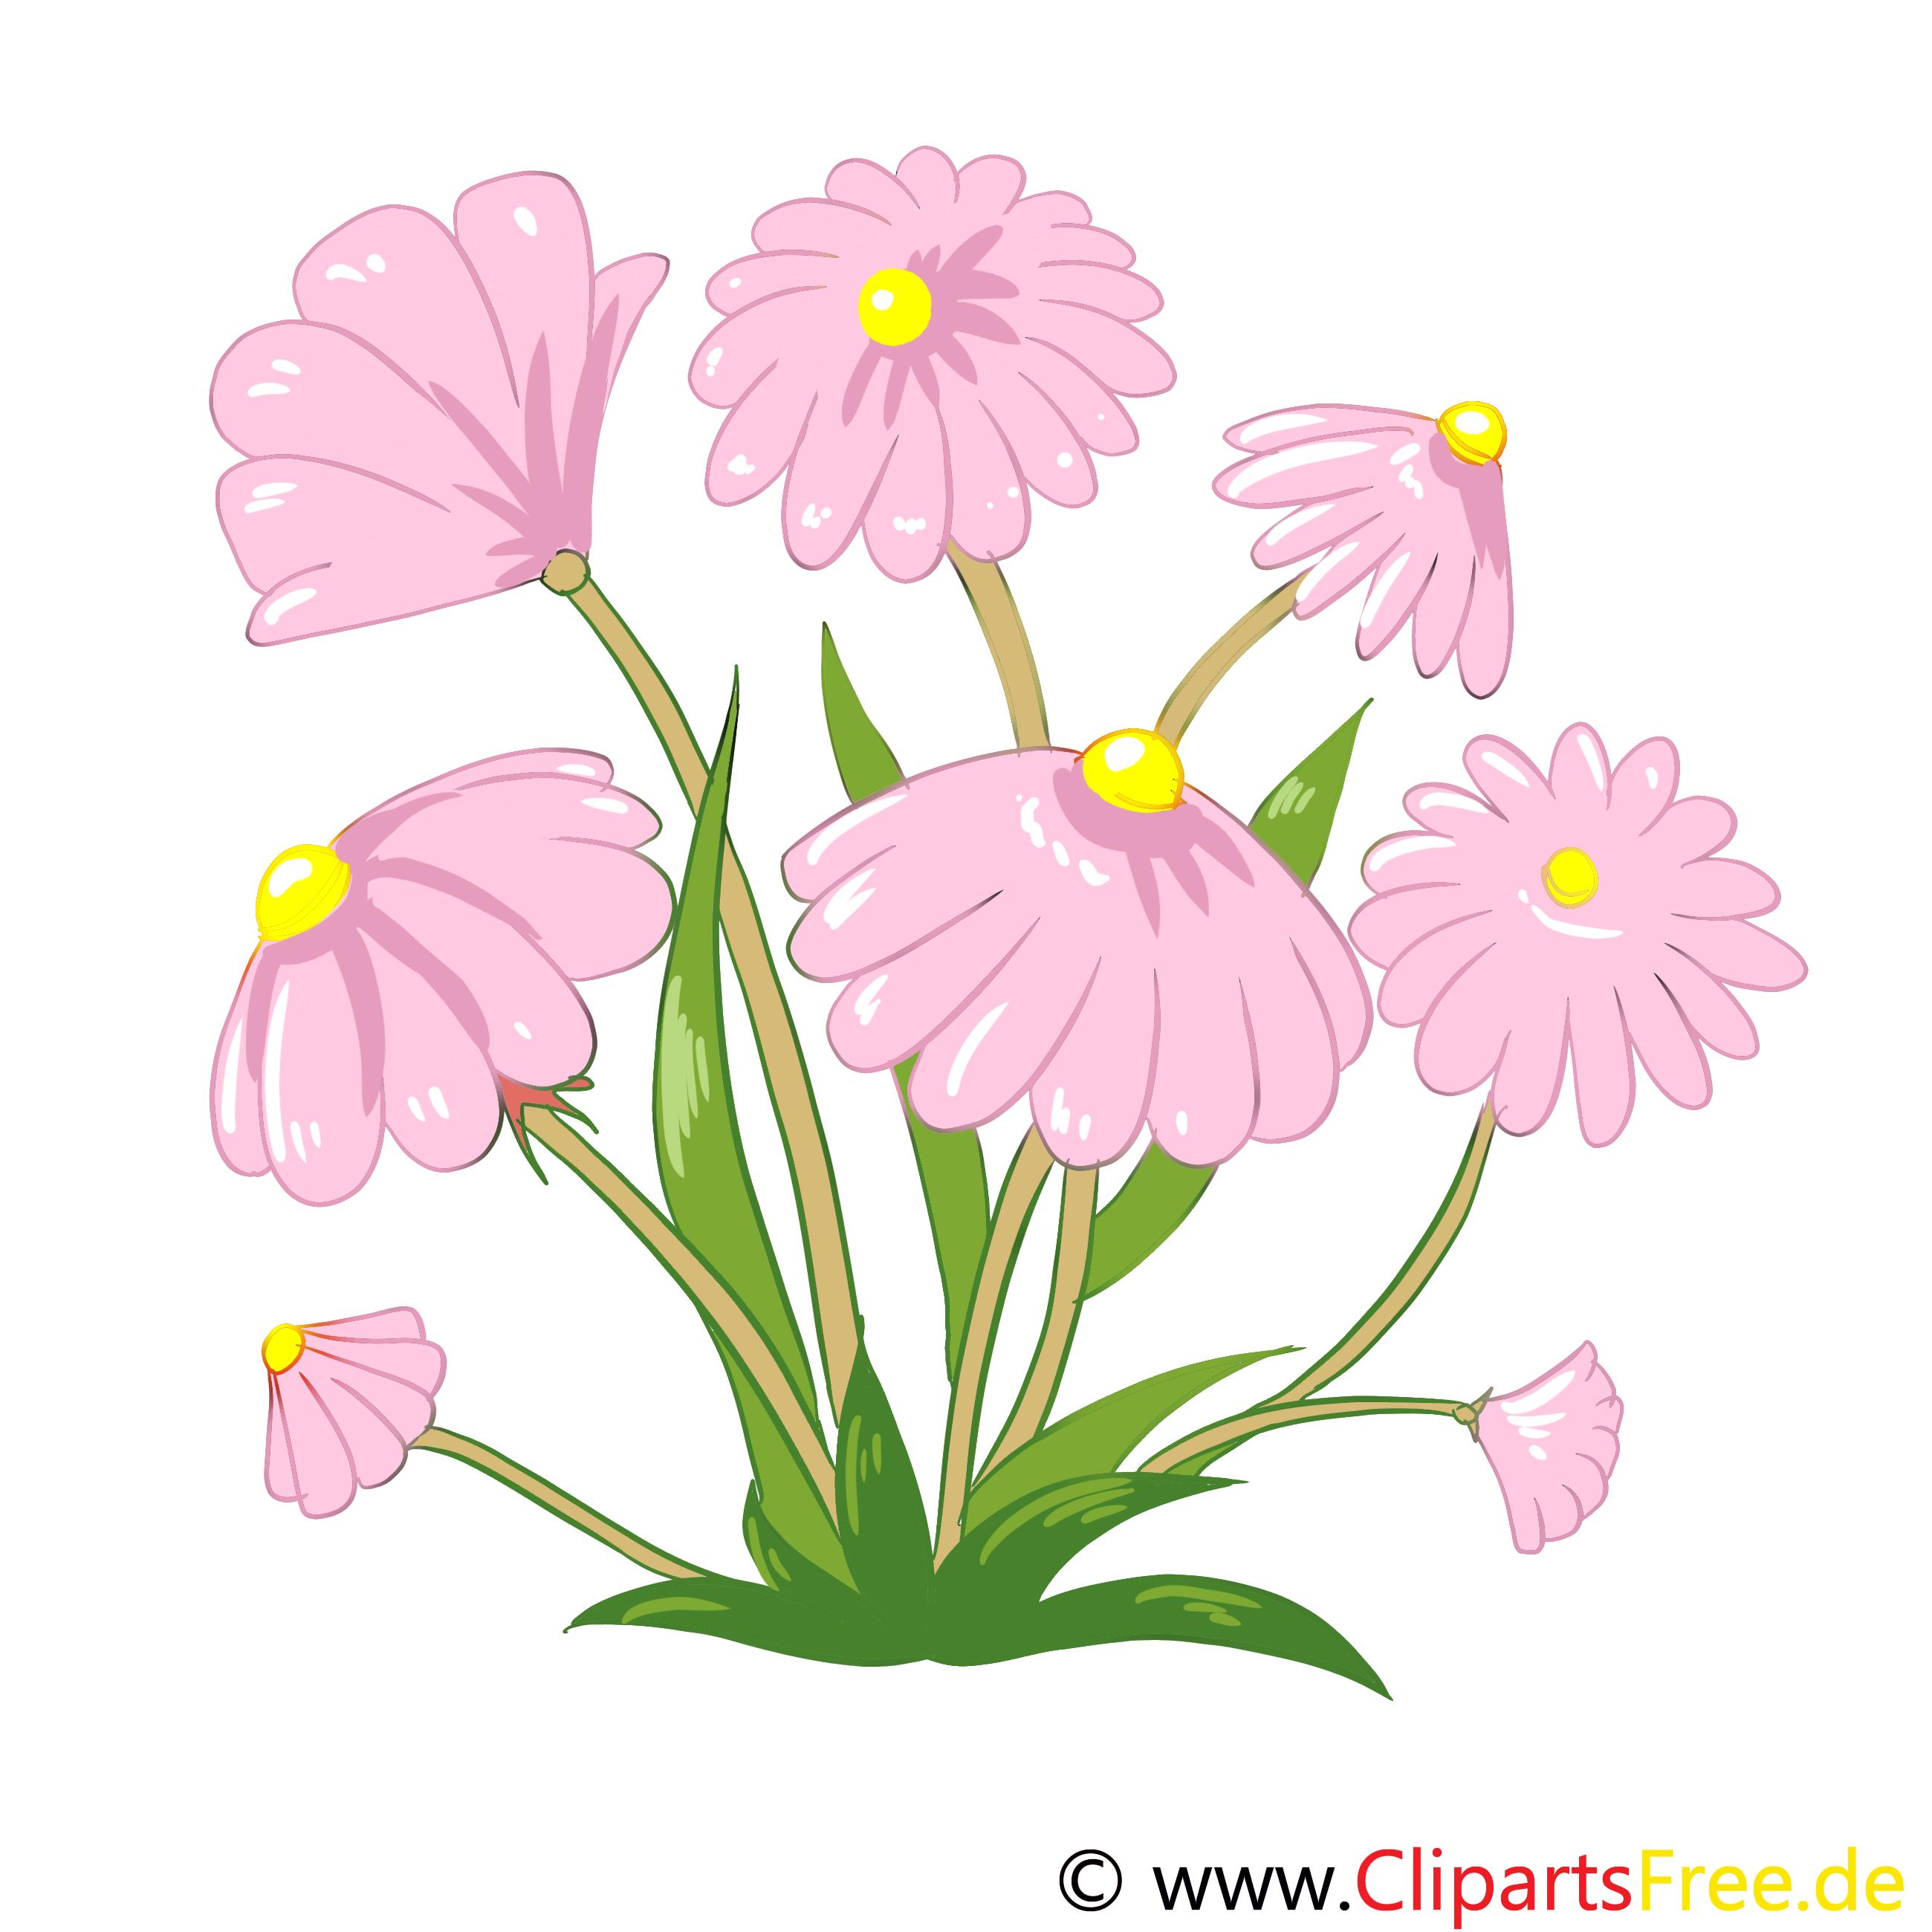 Champ de fleurs images gratuites – Fleurs clipart